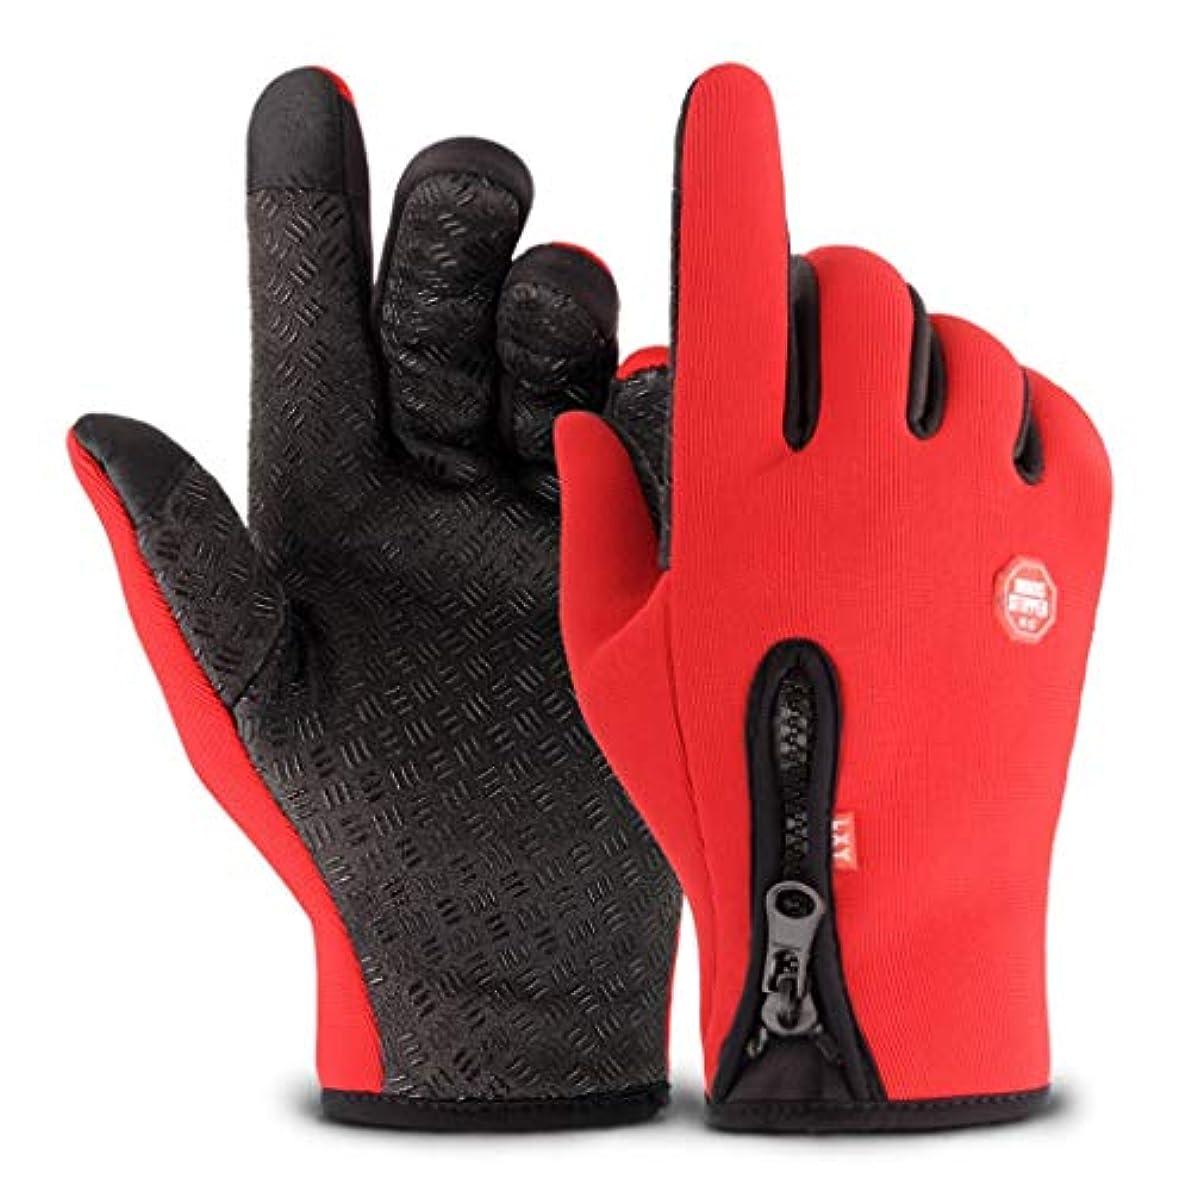 変数正確な一手袋の男性の秋と冬の自転車電動バイクの女性のタッチスクリーンは、すべてwindproofノンスリップ暖かいと冷たいプラスベルベット弾性手袋ワンサイズ赤